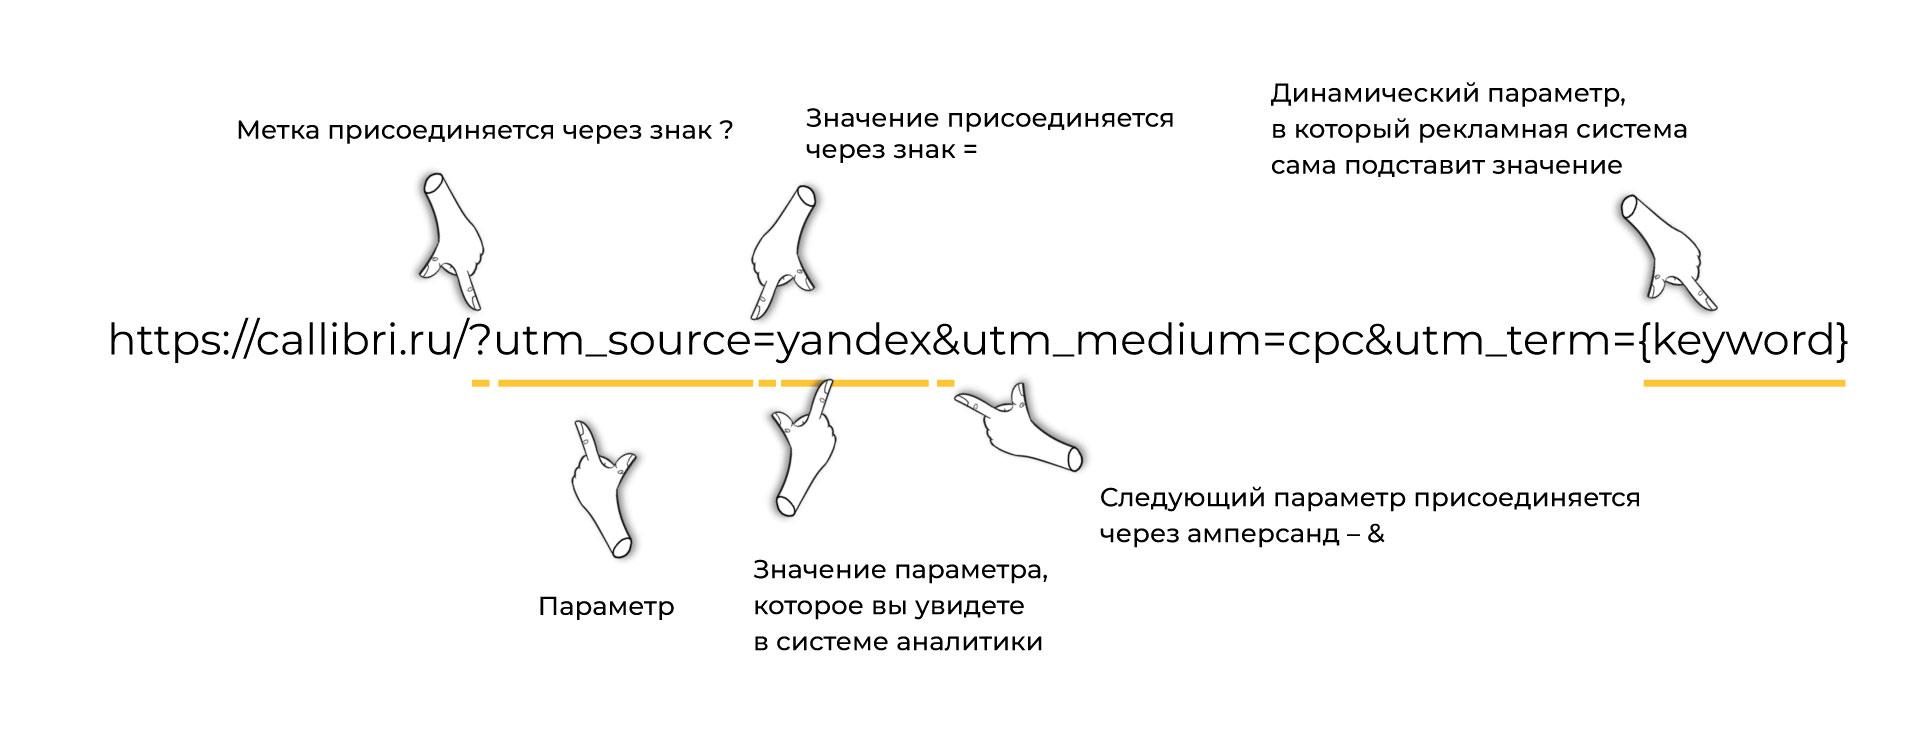 Как ставить UTM-метки: схема присоединения параметров